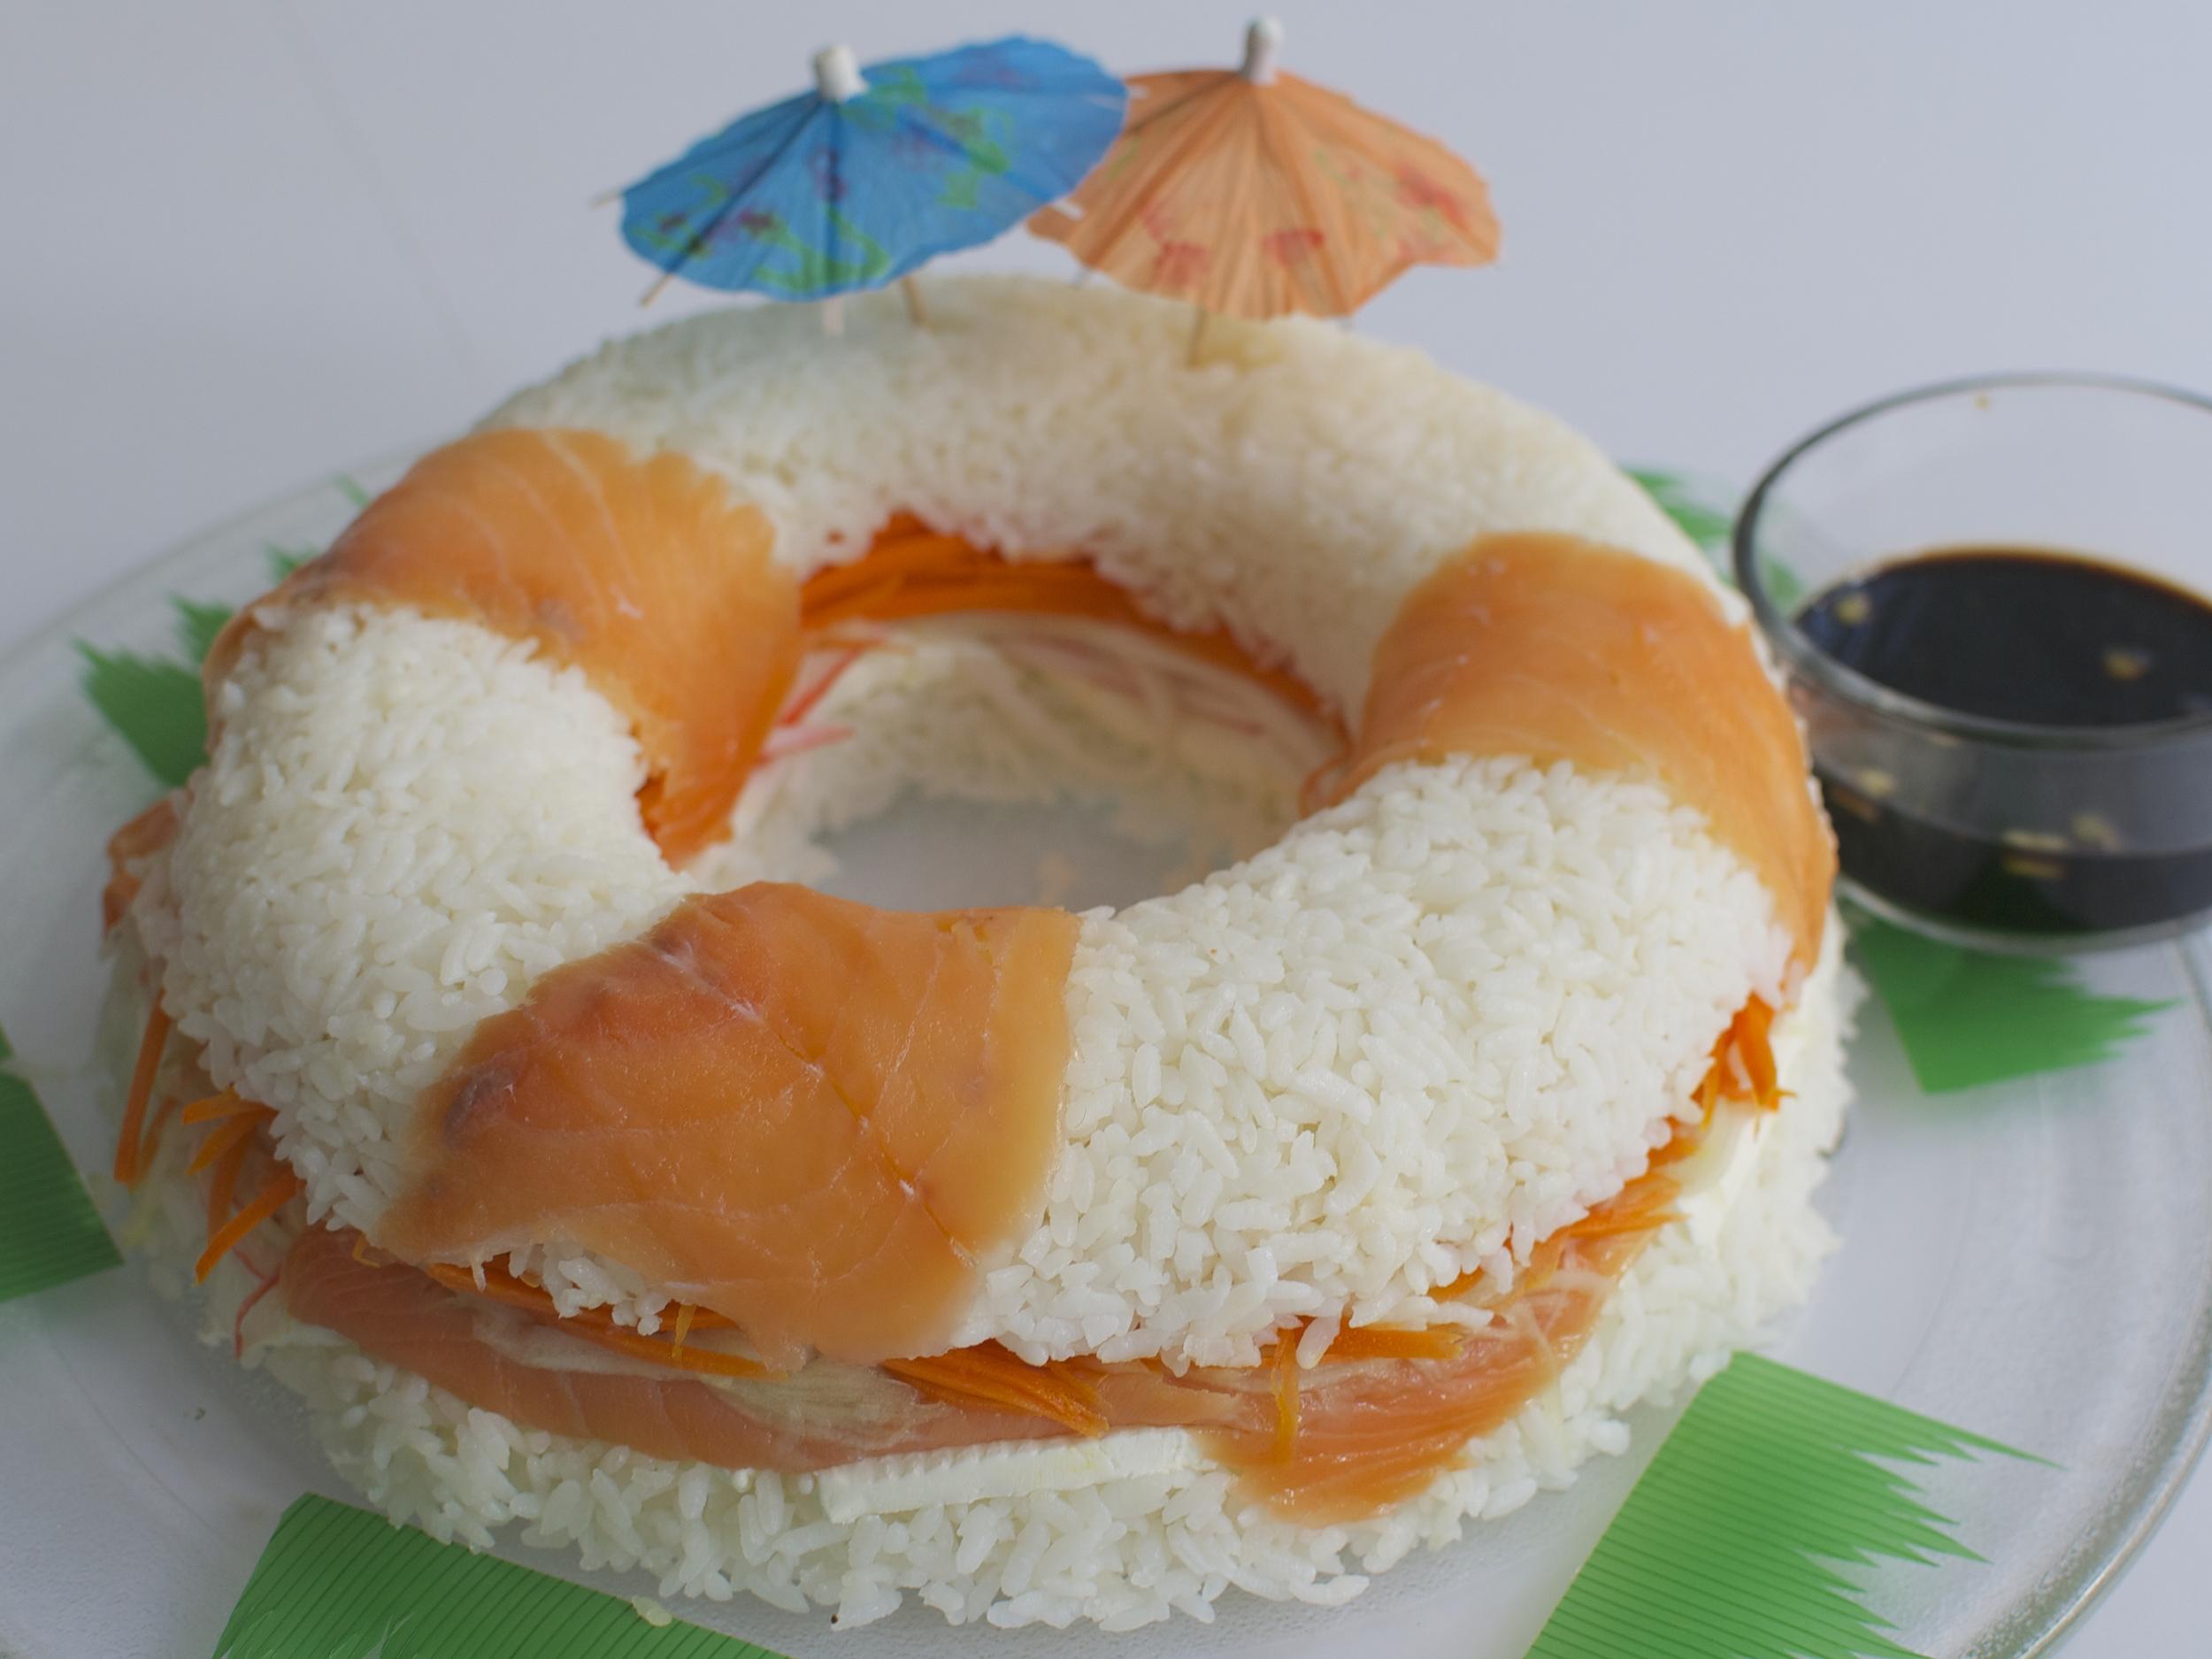 Rosca de Sushi de Salmón  Rosca de Sushi con Salmón Ahumado, Philadelphia, Zanahoria y Pepino, acompañada de salsa de Soya Precio Chica : $ 320.00 Precio Grande : $ 465.00